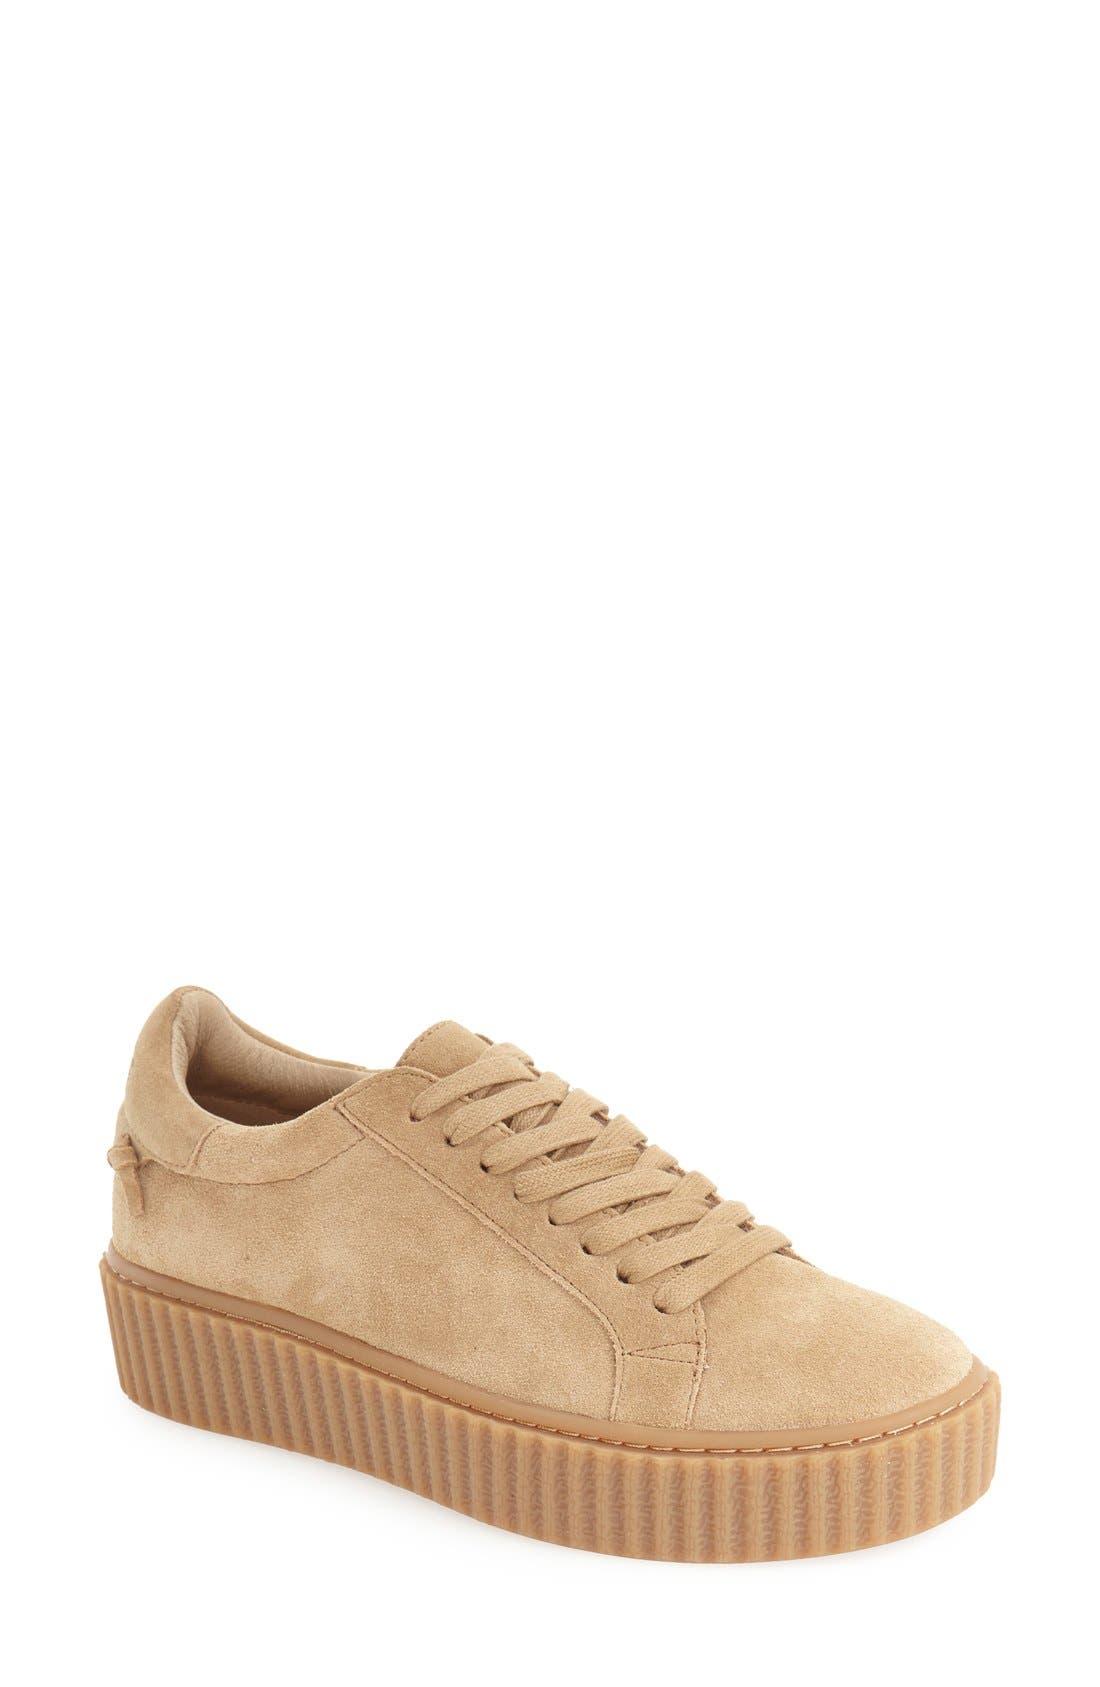 Main Image - JSlides 'Parker' Platform Sneaker (Women)